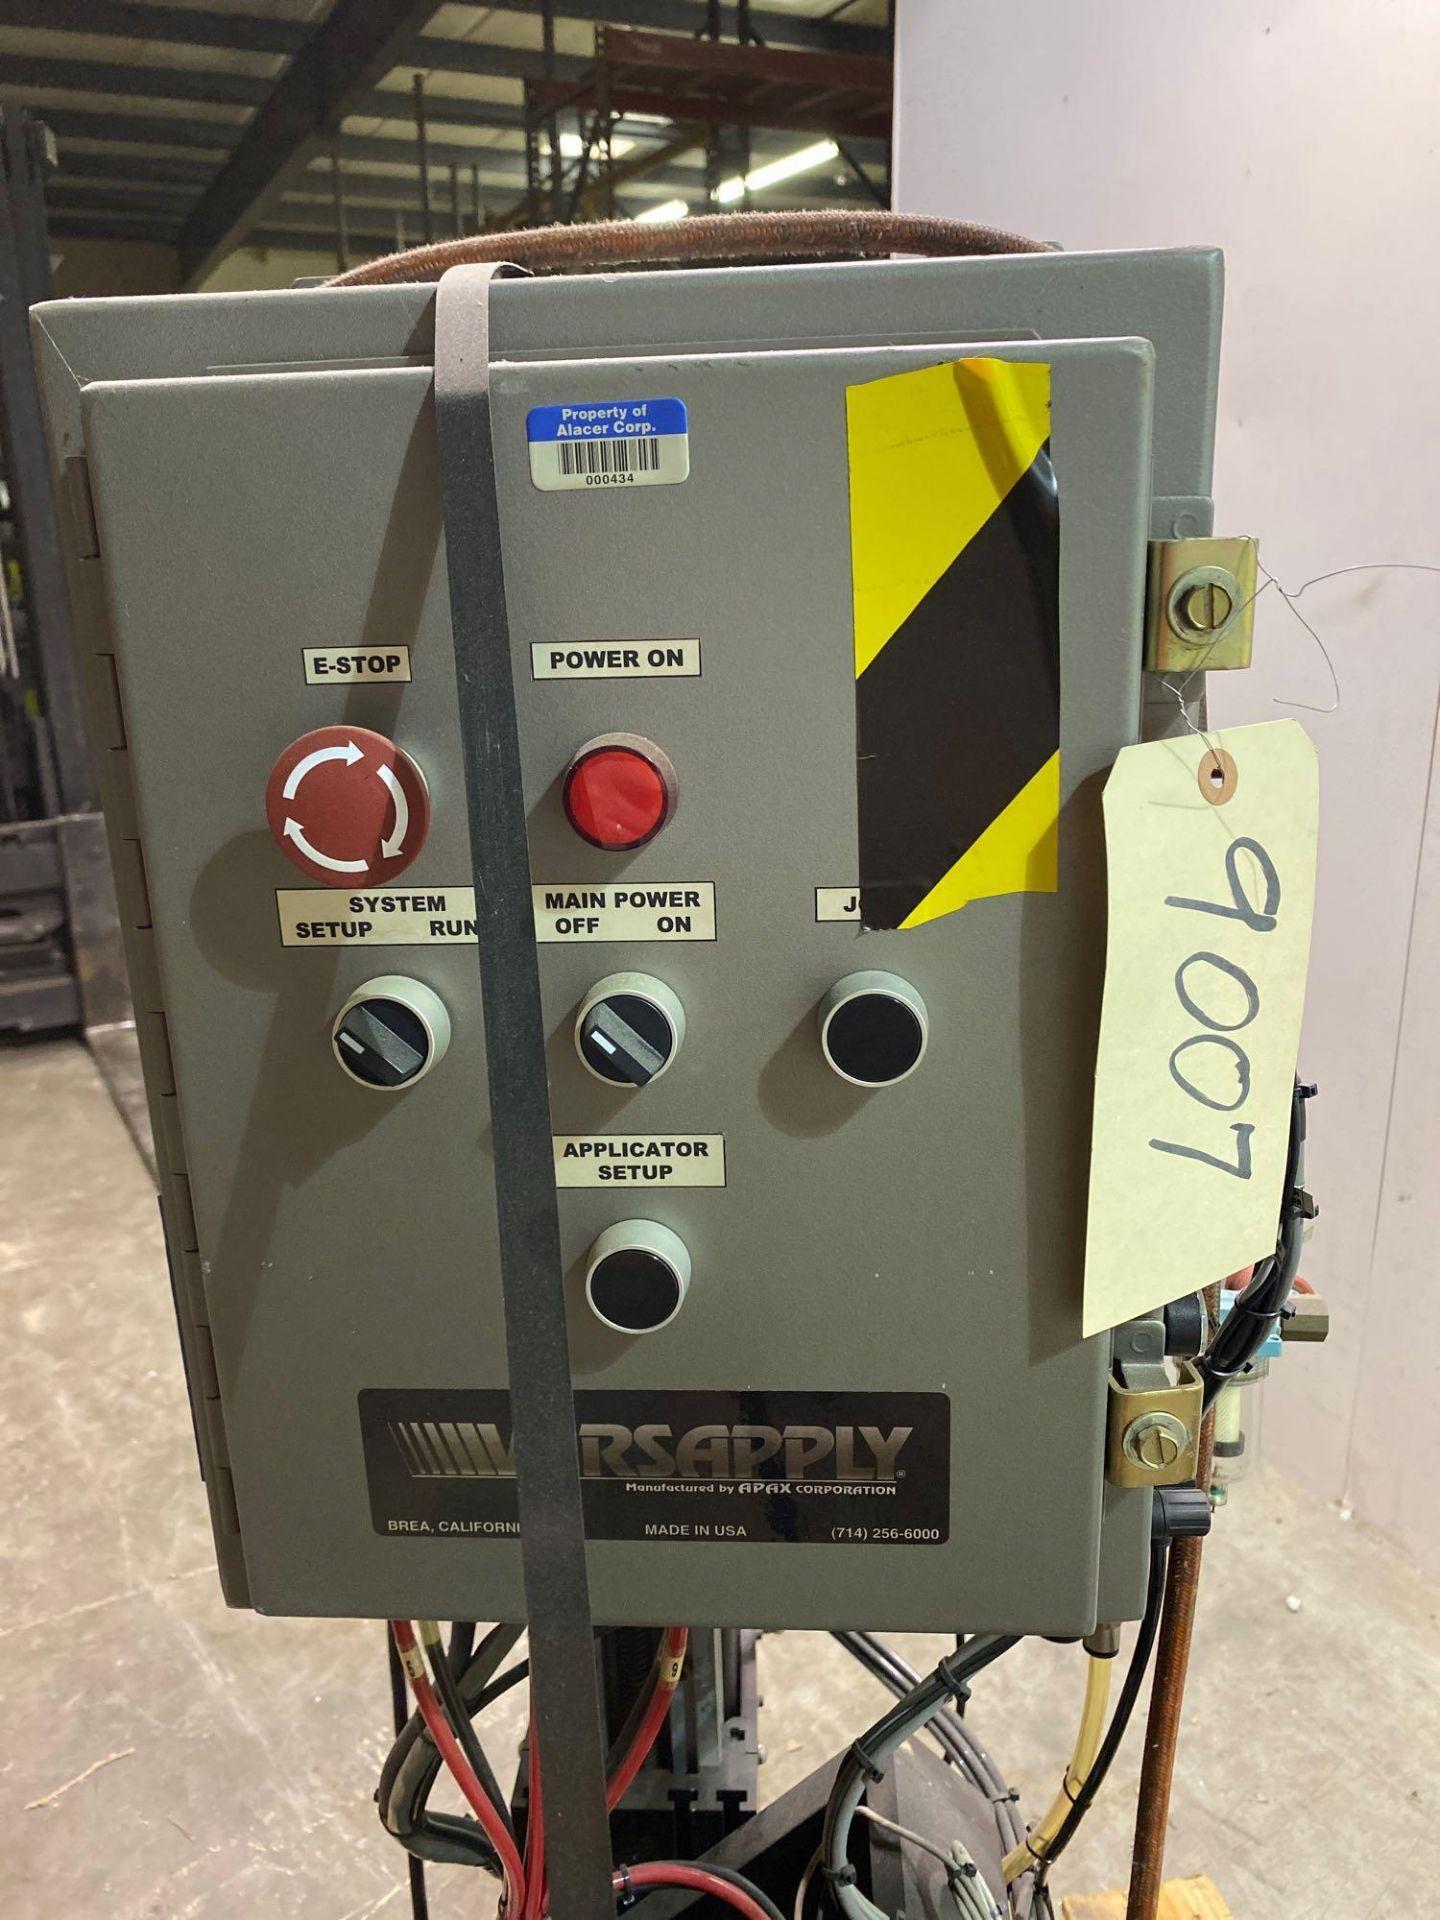 Versapply Labeling Machine - Image 6 of 16